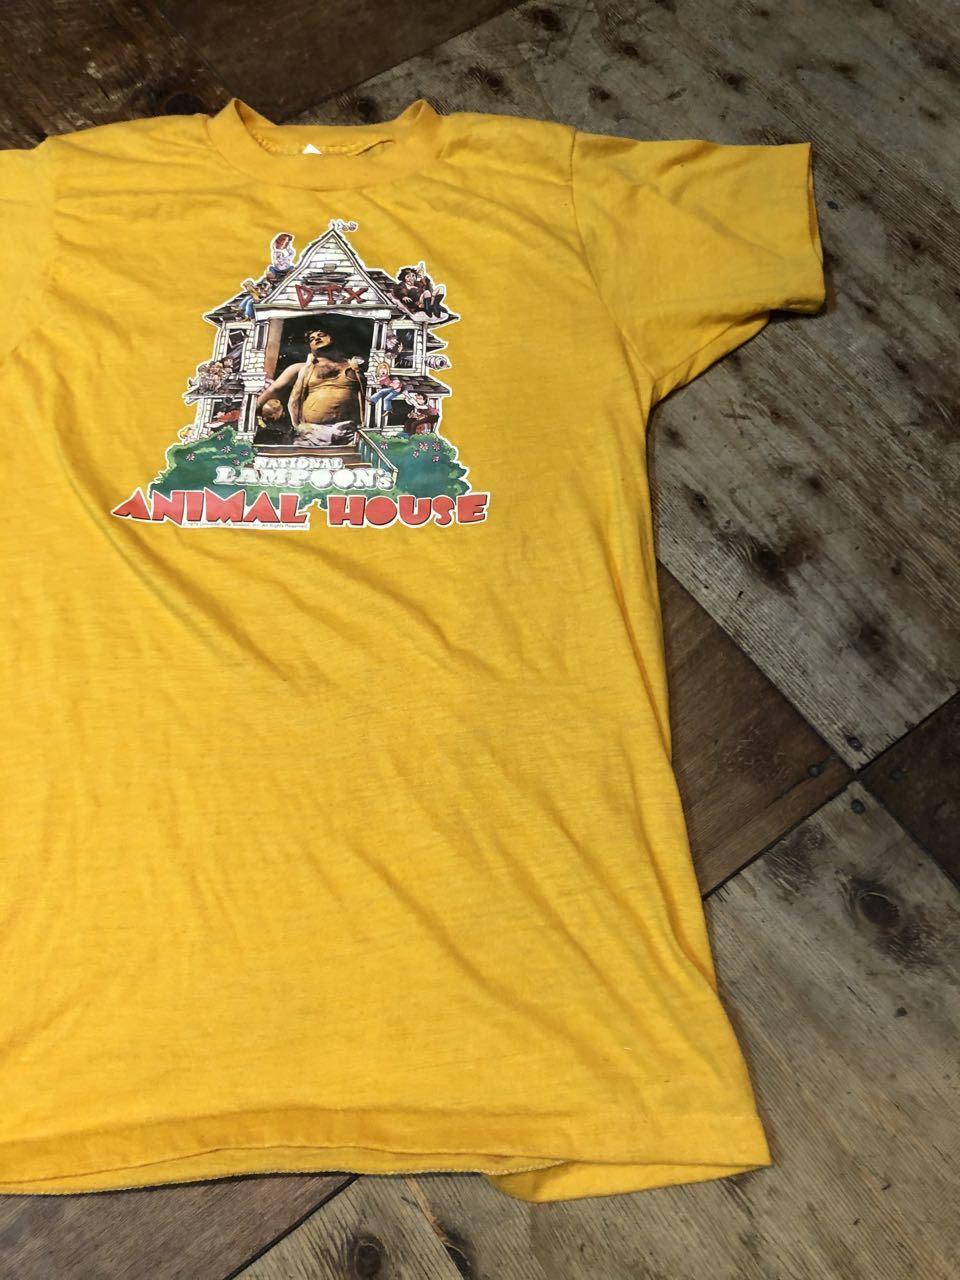 8月3日(月)入荷!70s 映画 アニマルハウス Tシャツ! ジョンベルーシ/映画T/movieTシャツ_c0144020_13232868.jpg